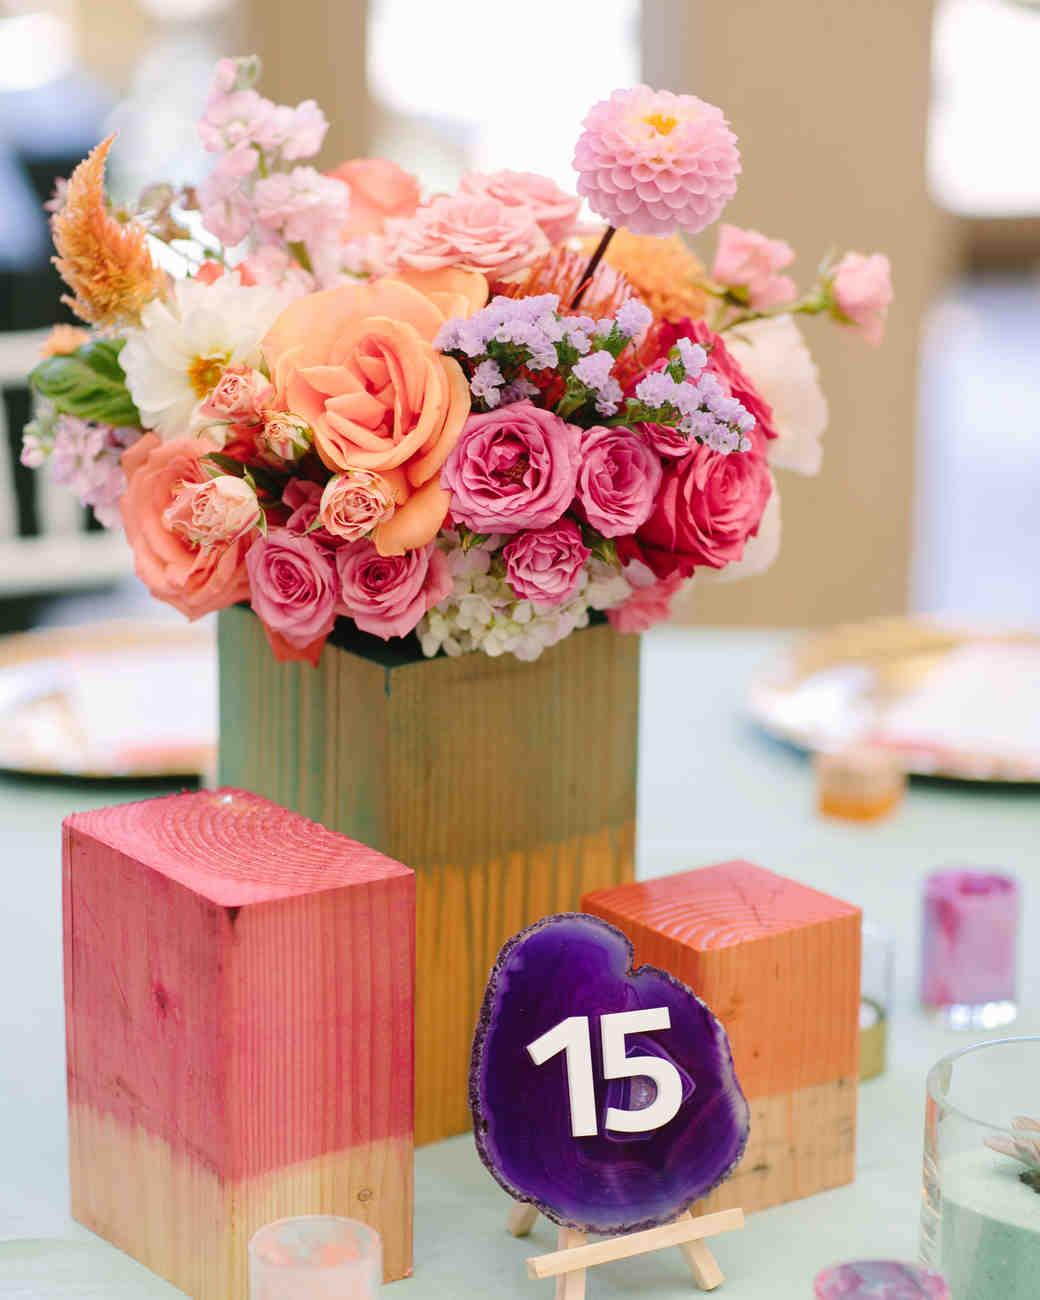 gina-craig-wedding-centerpiece2-0514.jpg